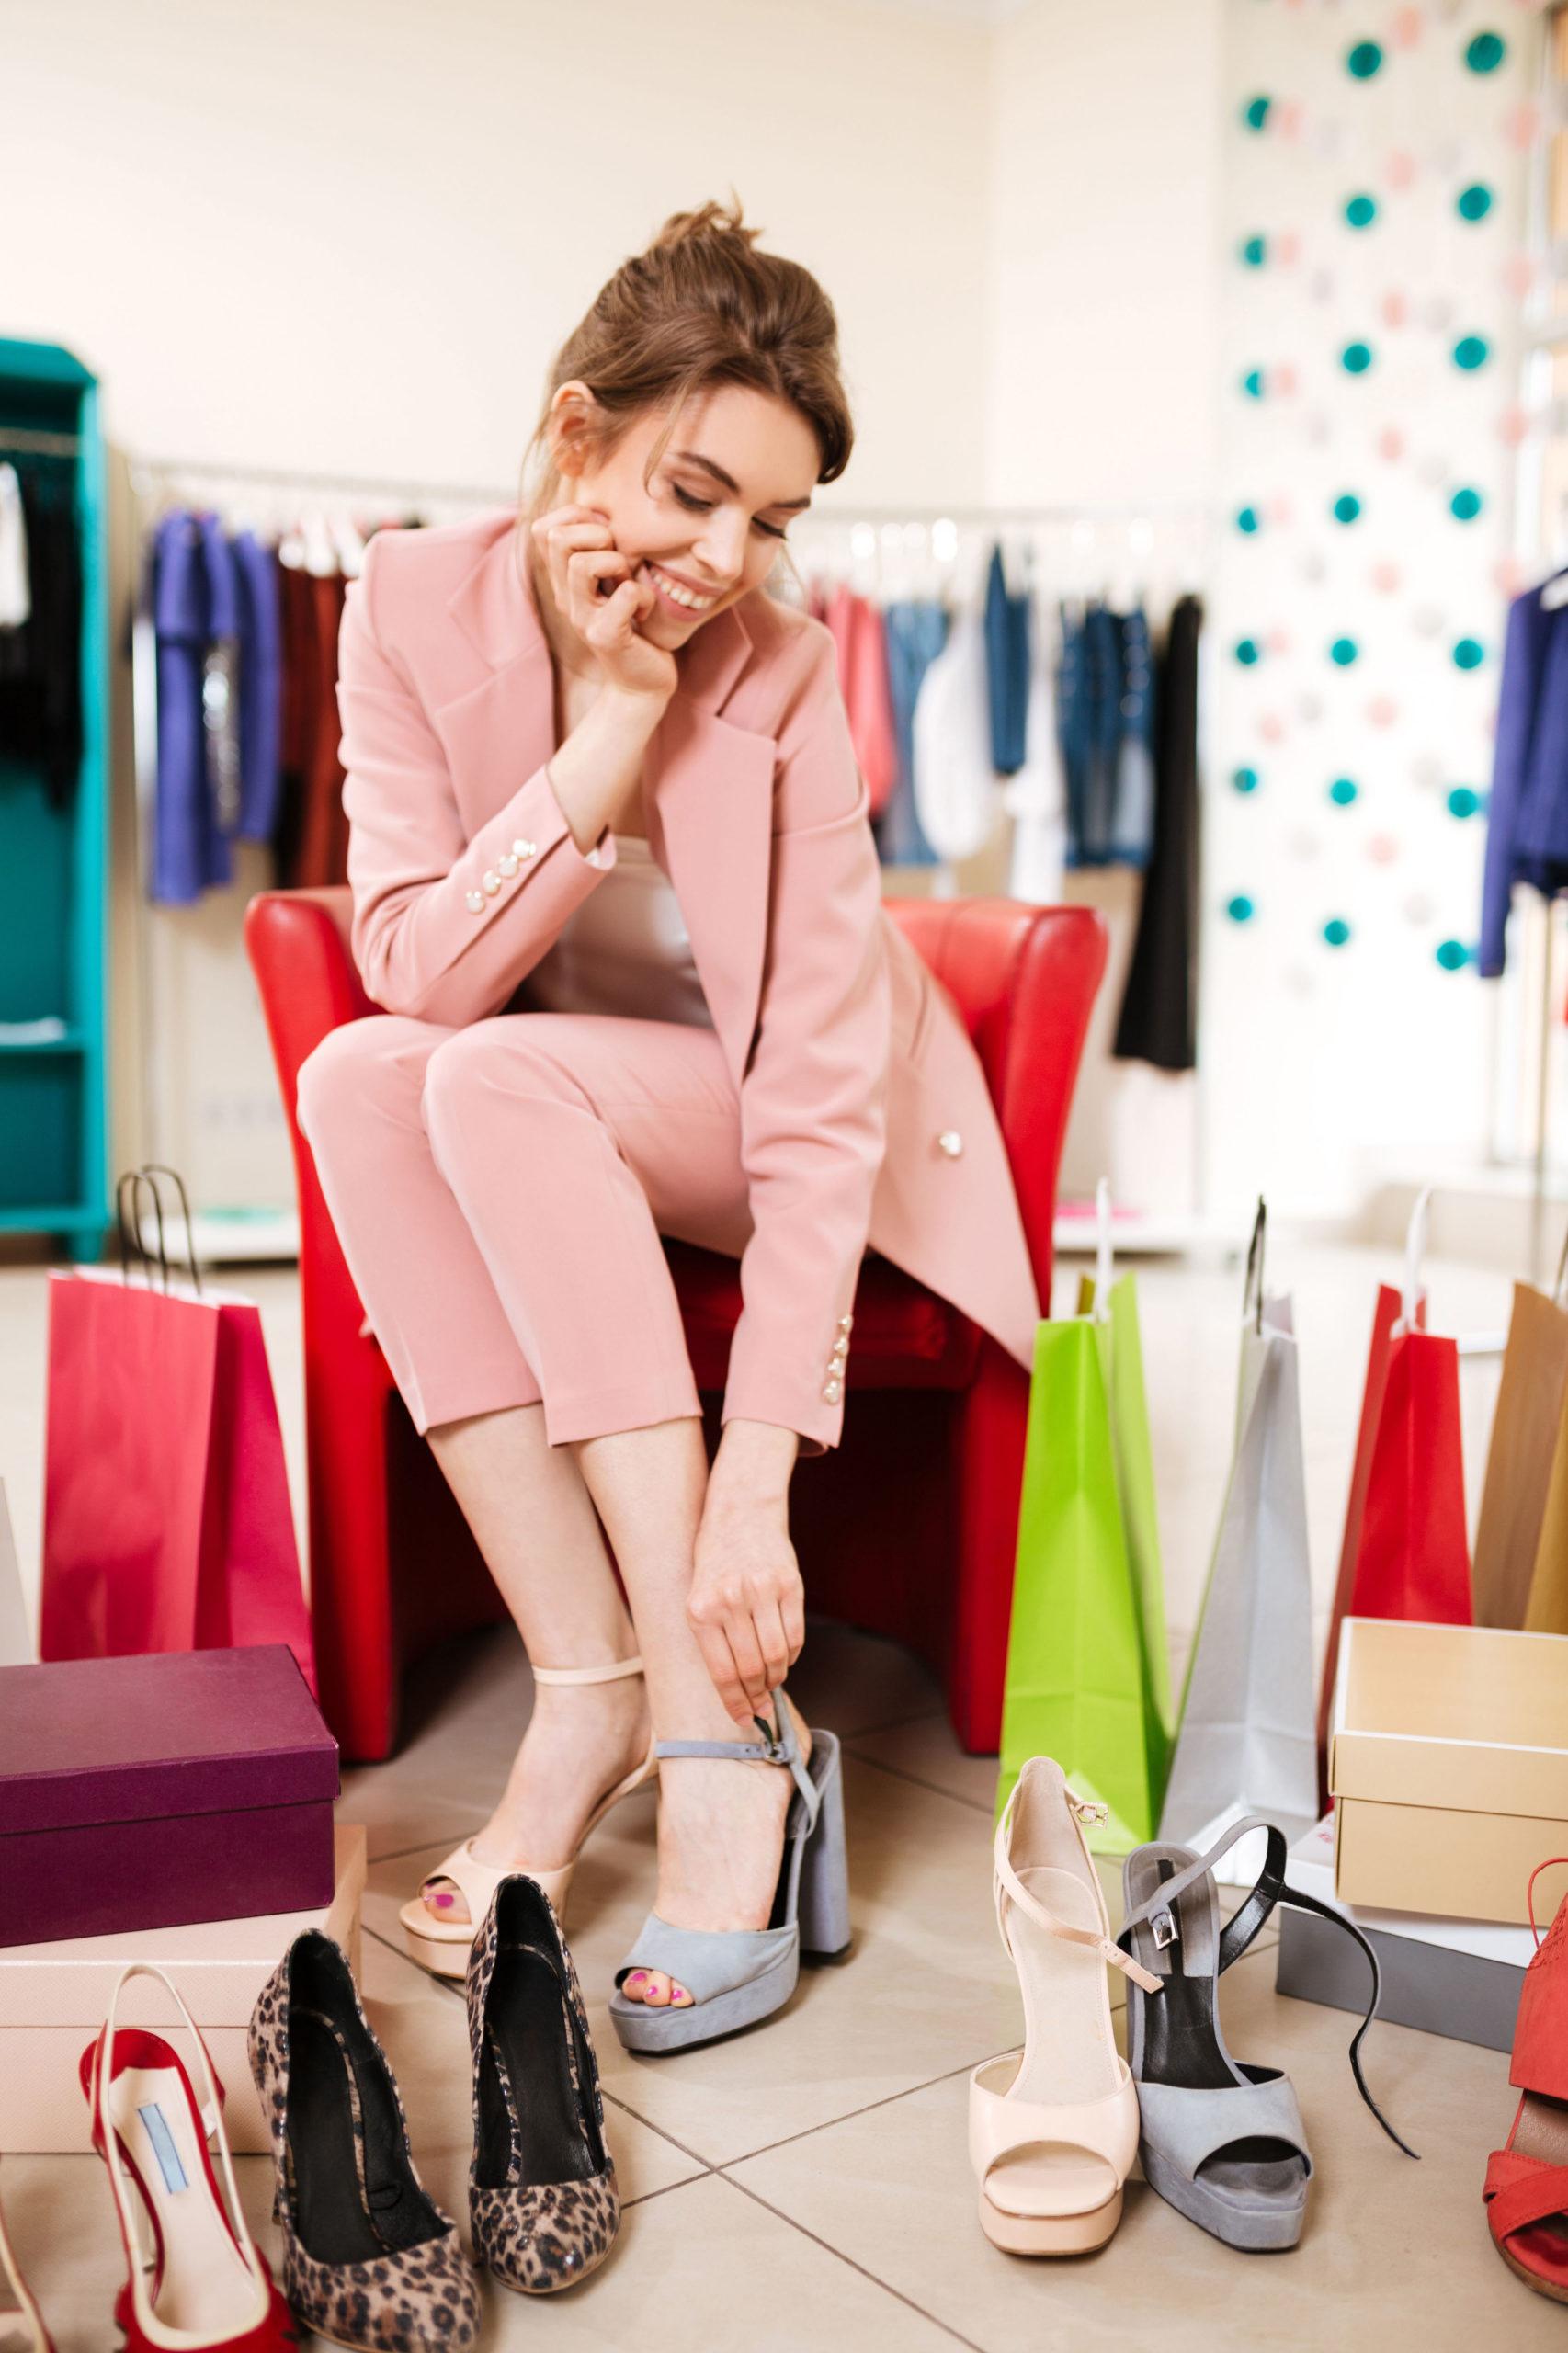 Frau probiert Schuhe an - XL-Schuhe